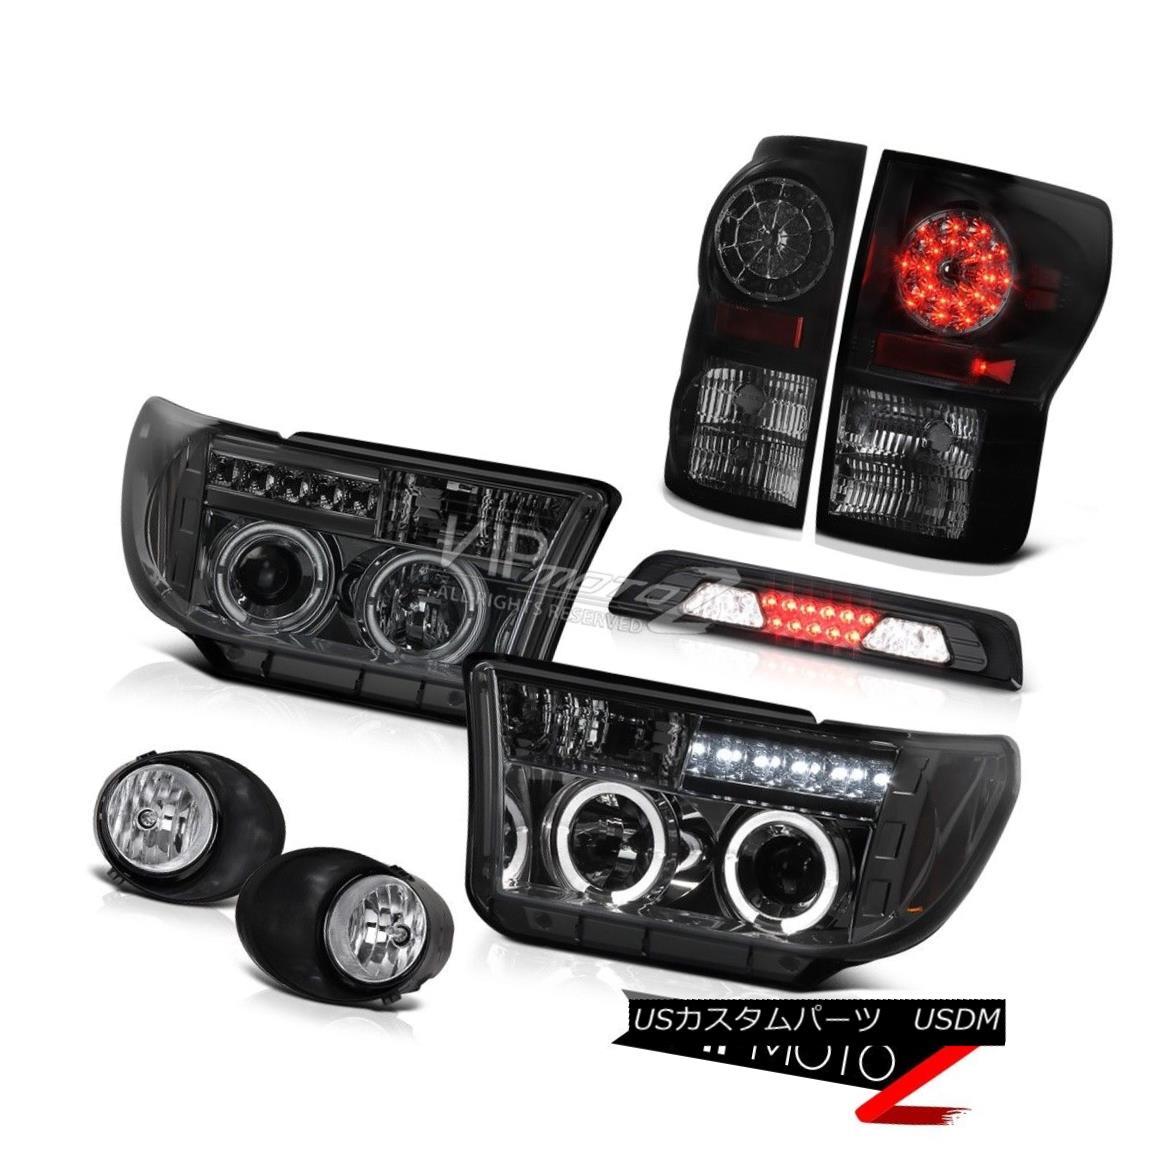 テールライト 2007-2013 Toyota Tundra SR5 Fog Lamps 3RD Brake Light Headlights Taillights SMD 2007-2013トヨタトンドラSR5フォグランプ3RDブレーキライトヘッドライト灯台SMD